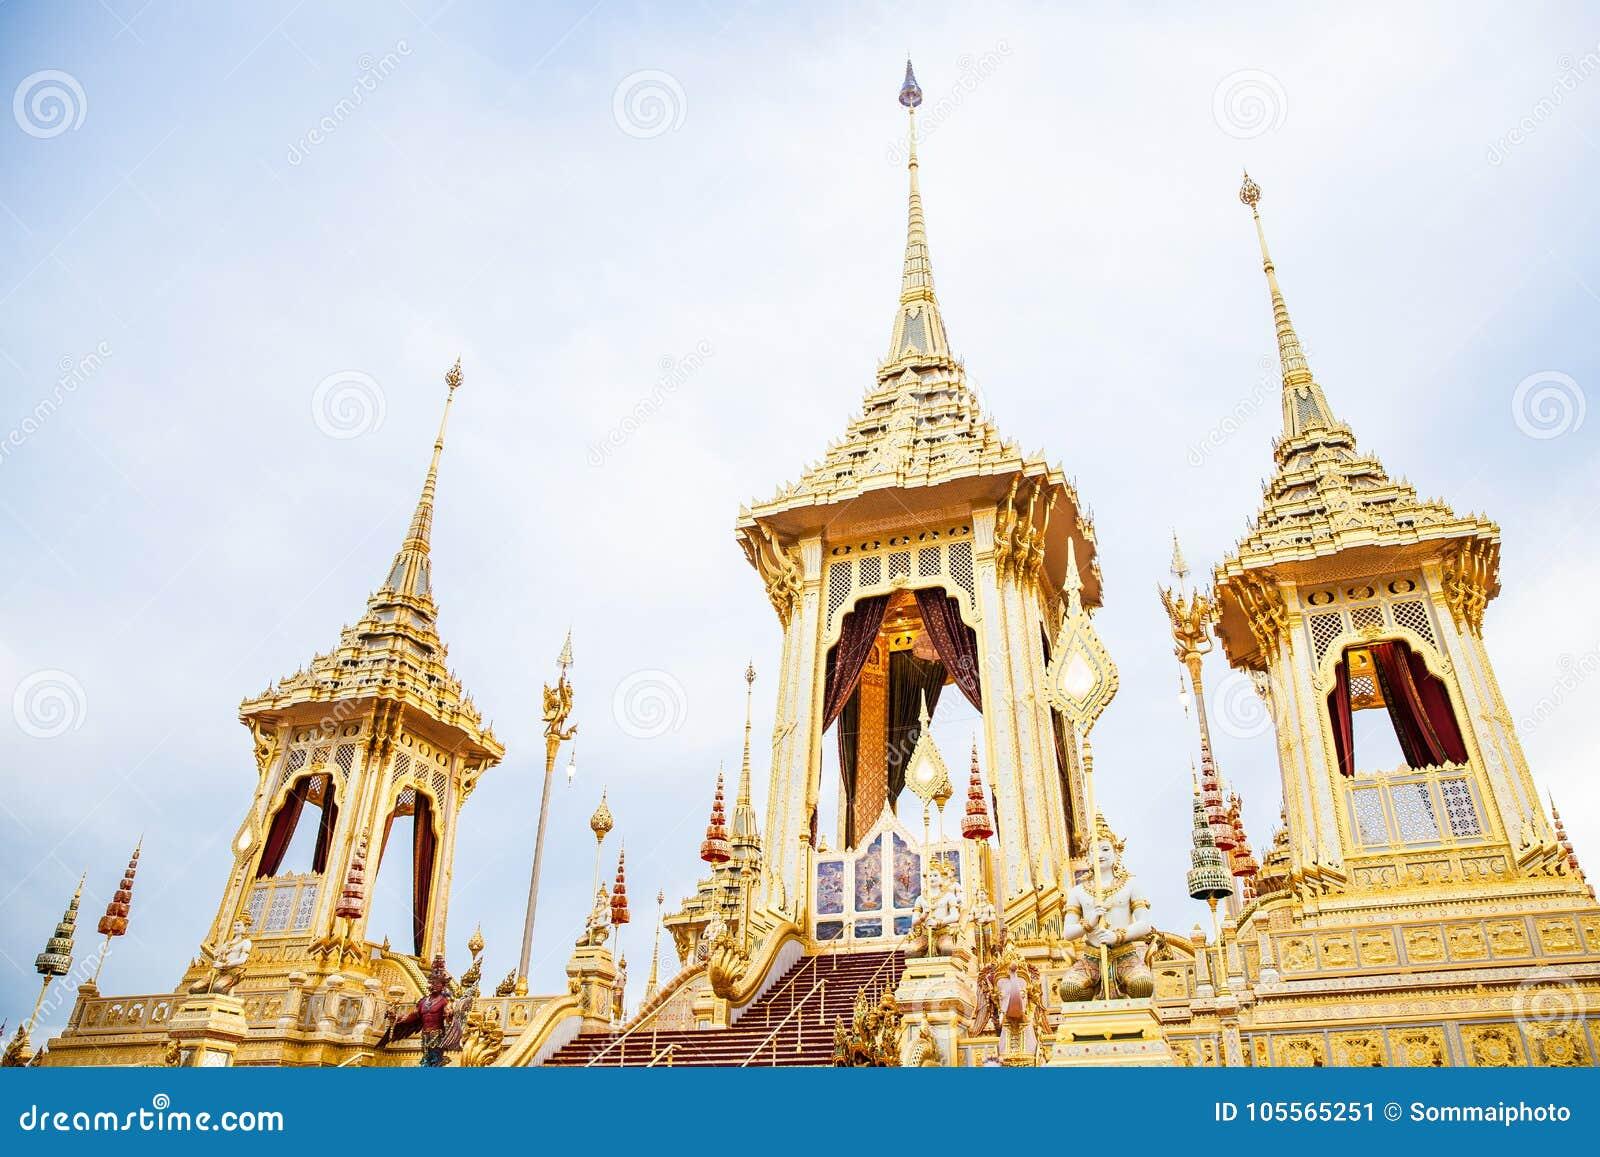 Povos que visitam no crematório real para a cremação real de seu rei Bhumibol Adulyadej Bangkok da majestade